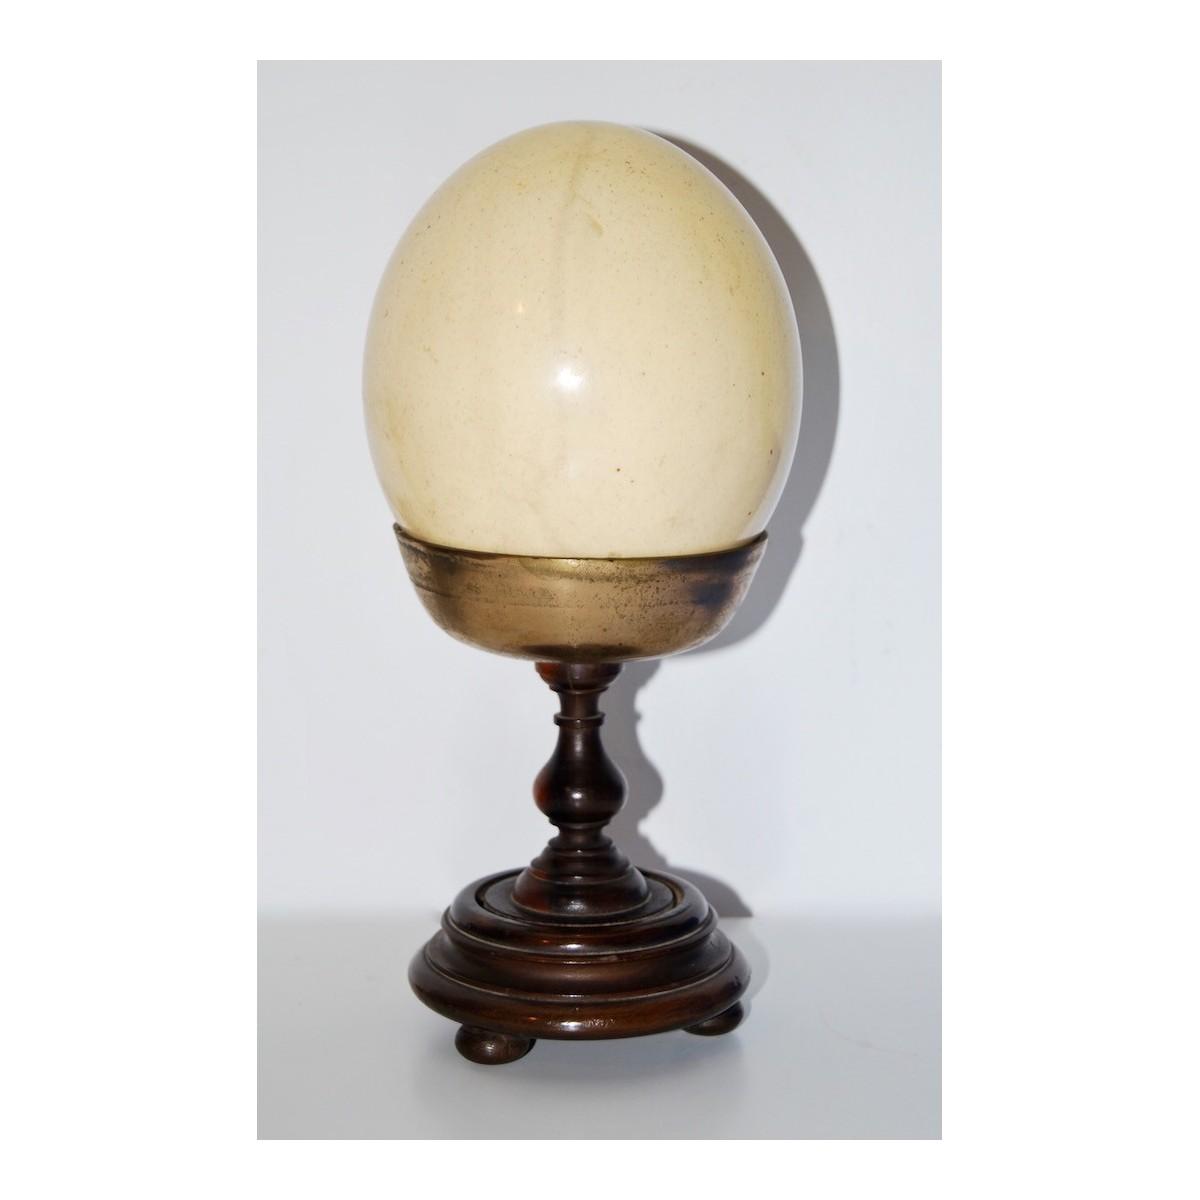 Cáliz con huevo de avestruz, siglo XIX.